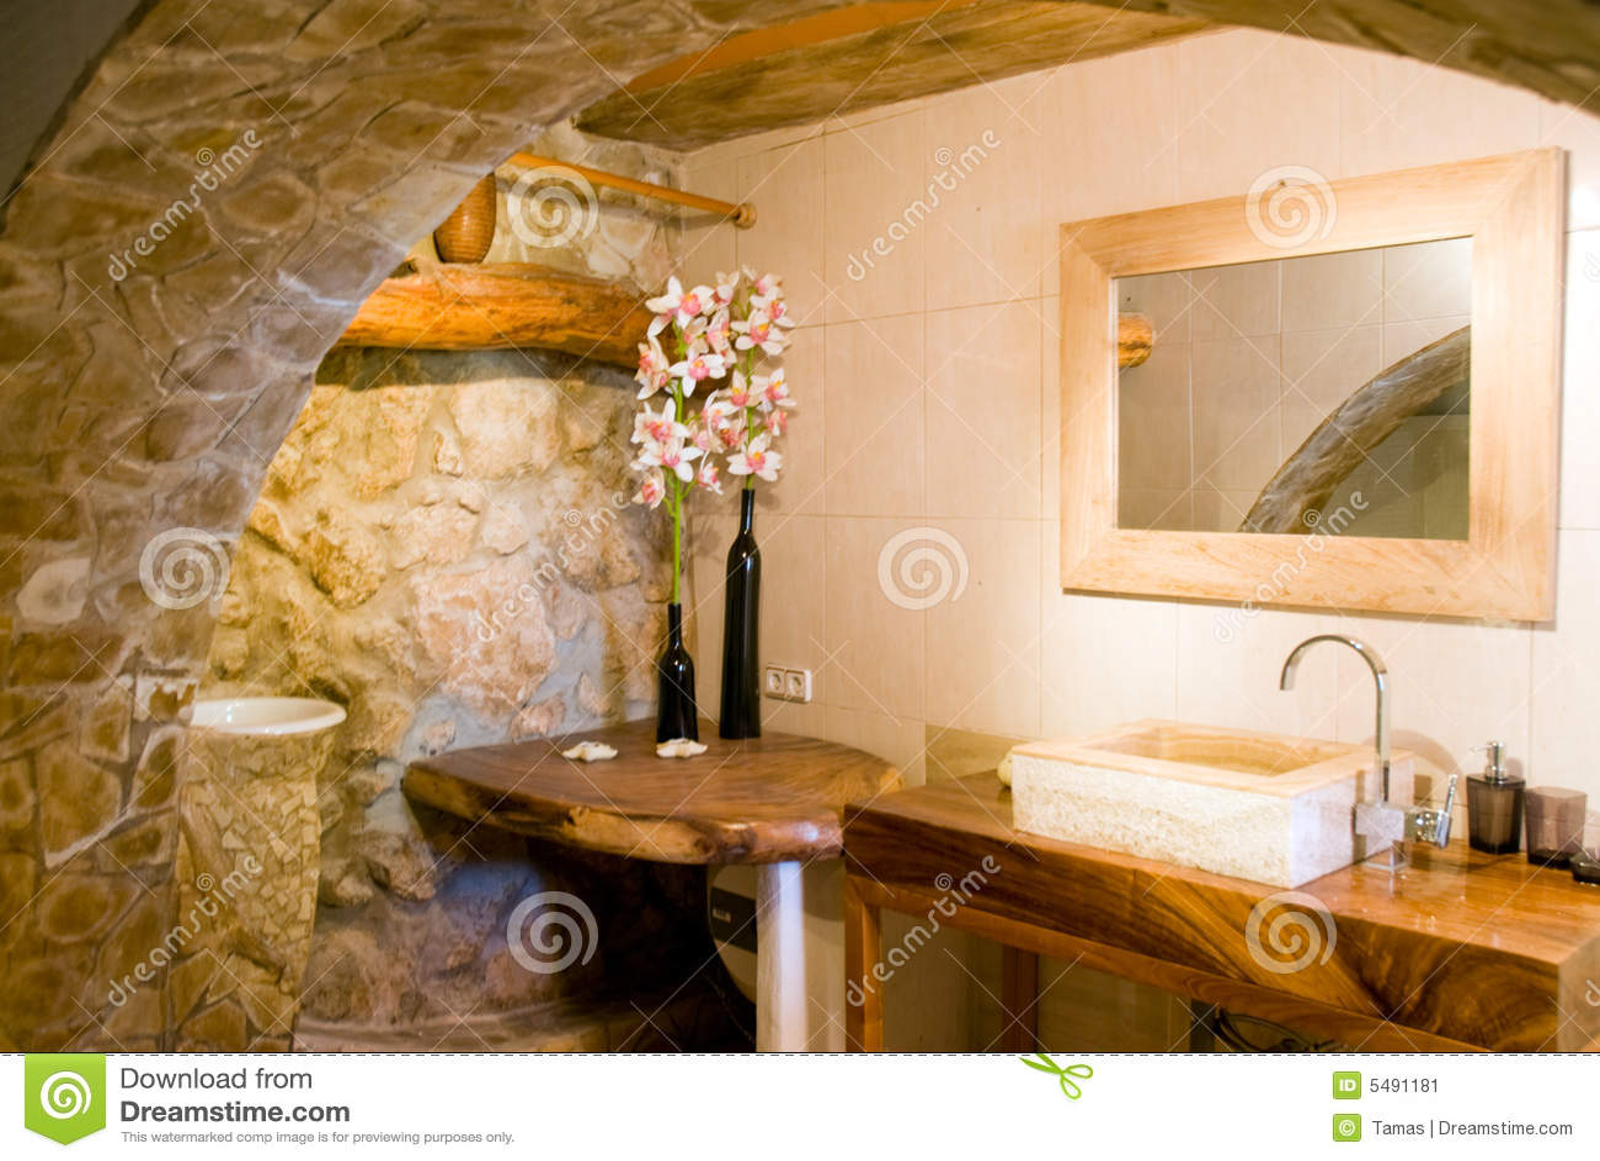 Interior de um banheiro romântico rústico no estilo espanhol. #6D460F 1300x960 Acessorios Banheiro Rustico